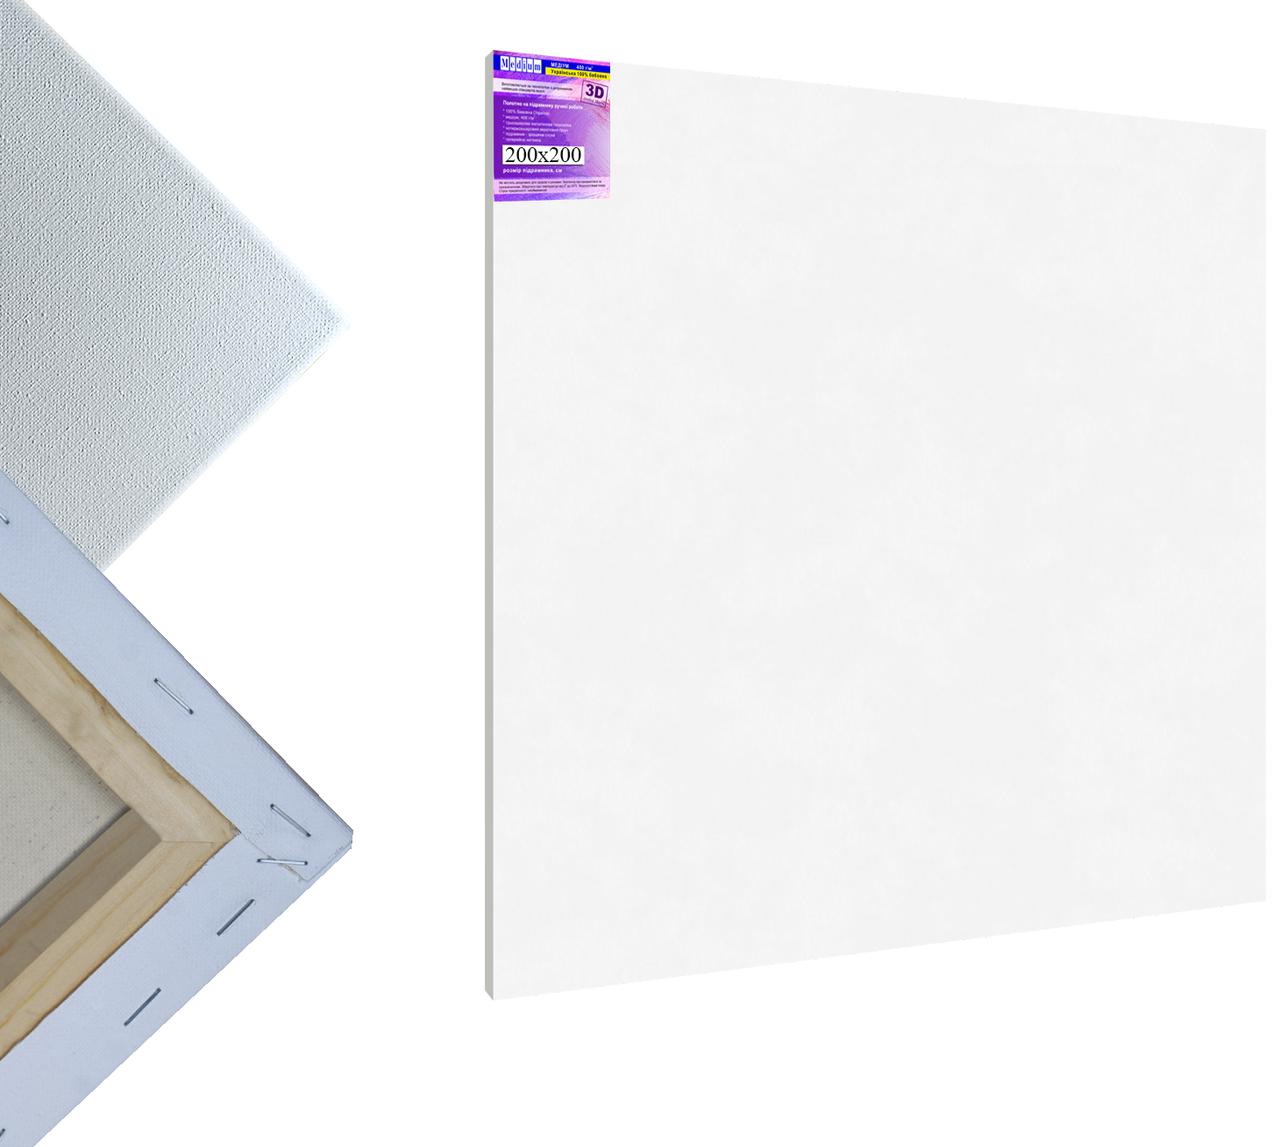 Холст на подрамнике Factura Gallery3D 200х200 см Украинский хлопок 400 гр./кв.м. среднее зерно (Medium) белый